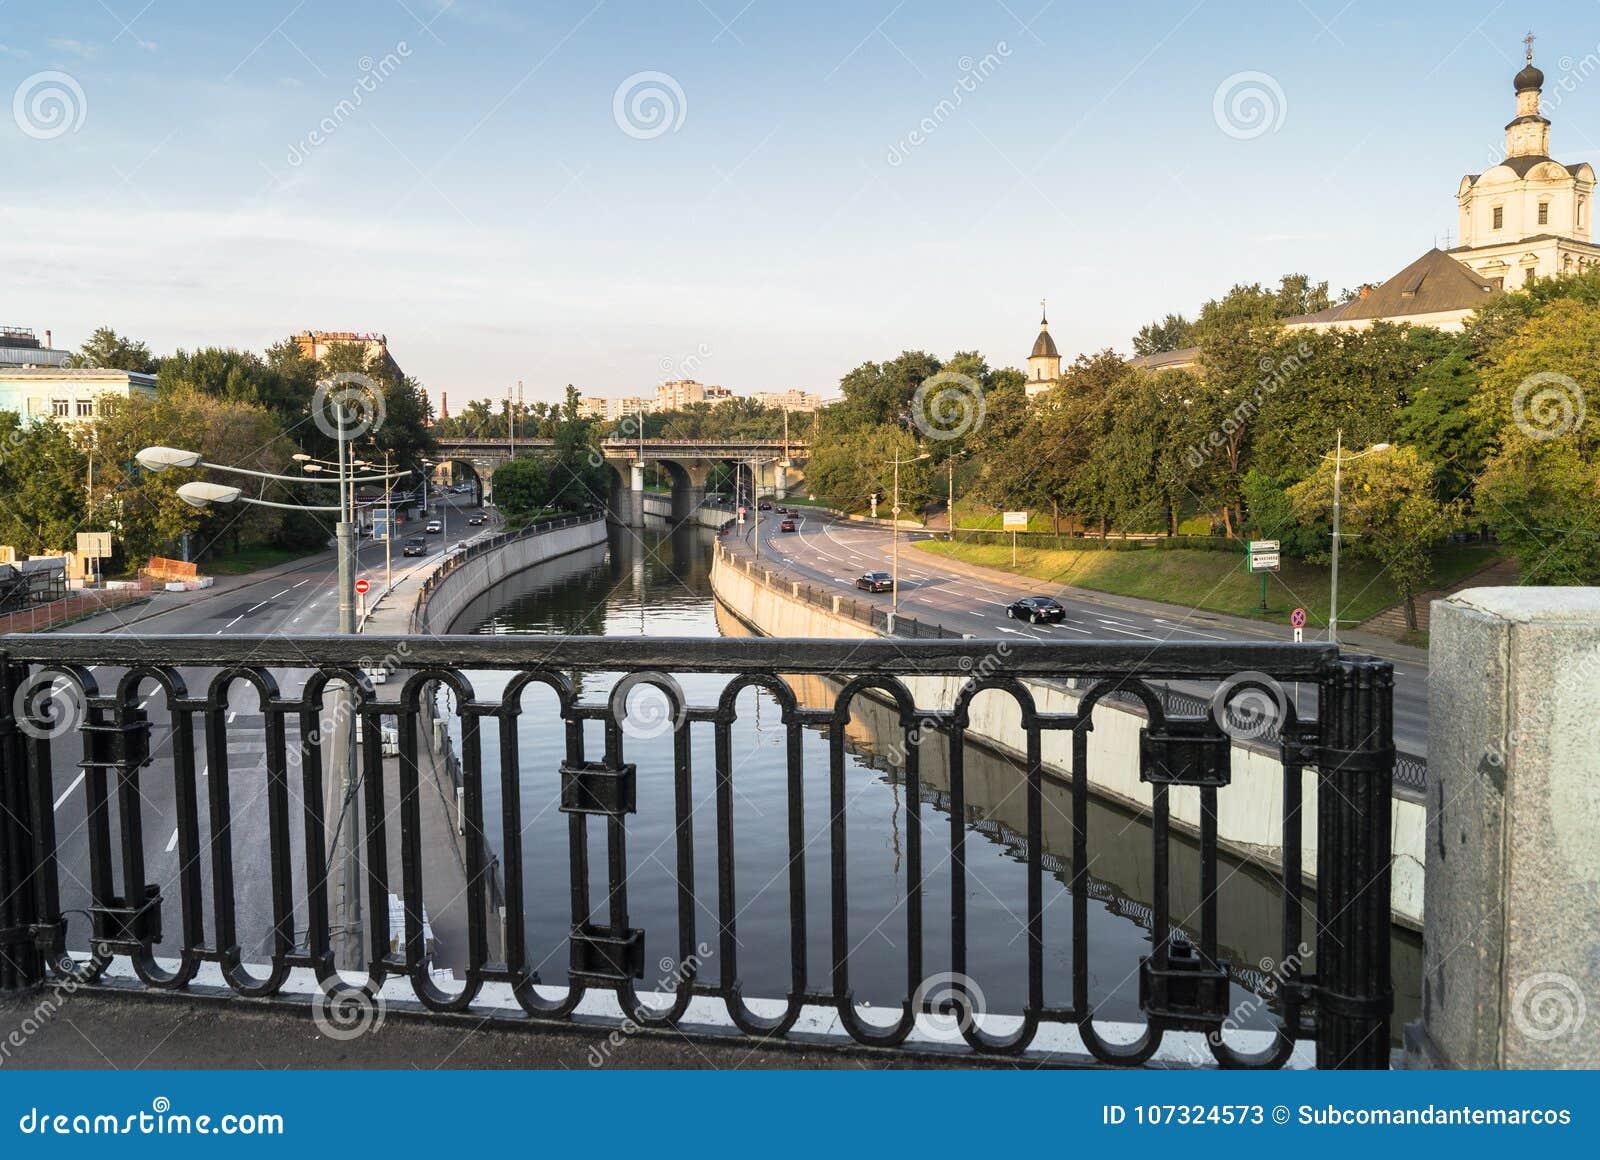 De mening van de rivier Yauza en de rijweg van zijn dijken van Kostomarovsky overbruggen in zonsonderganglicht, Moskou, Rusland